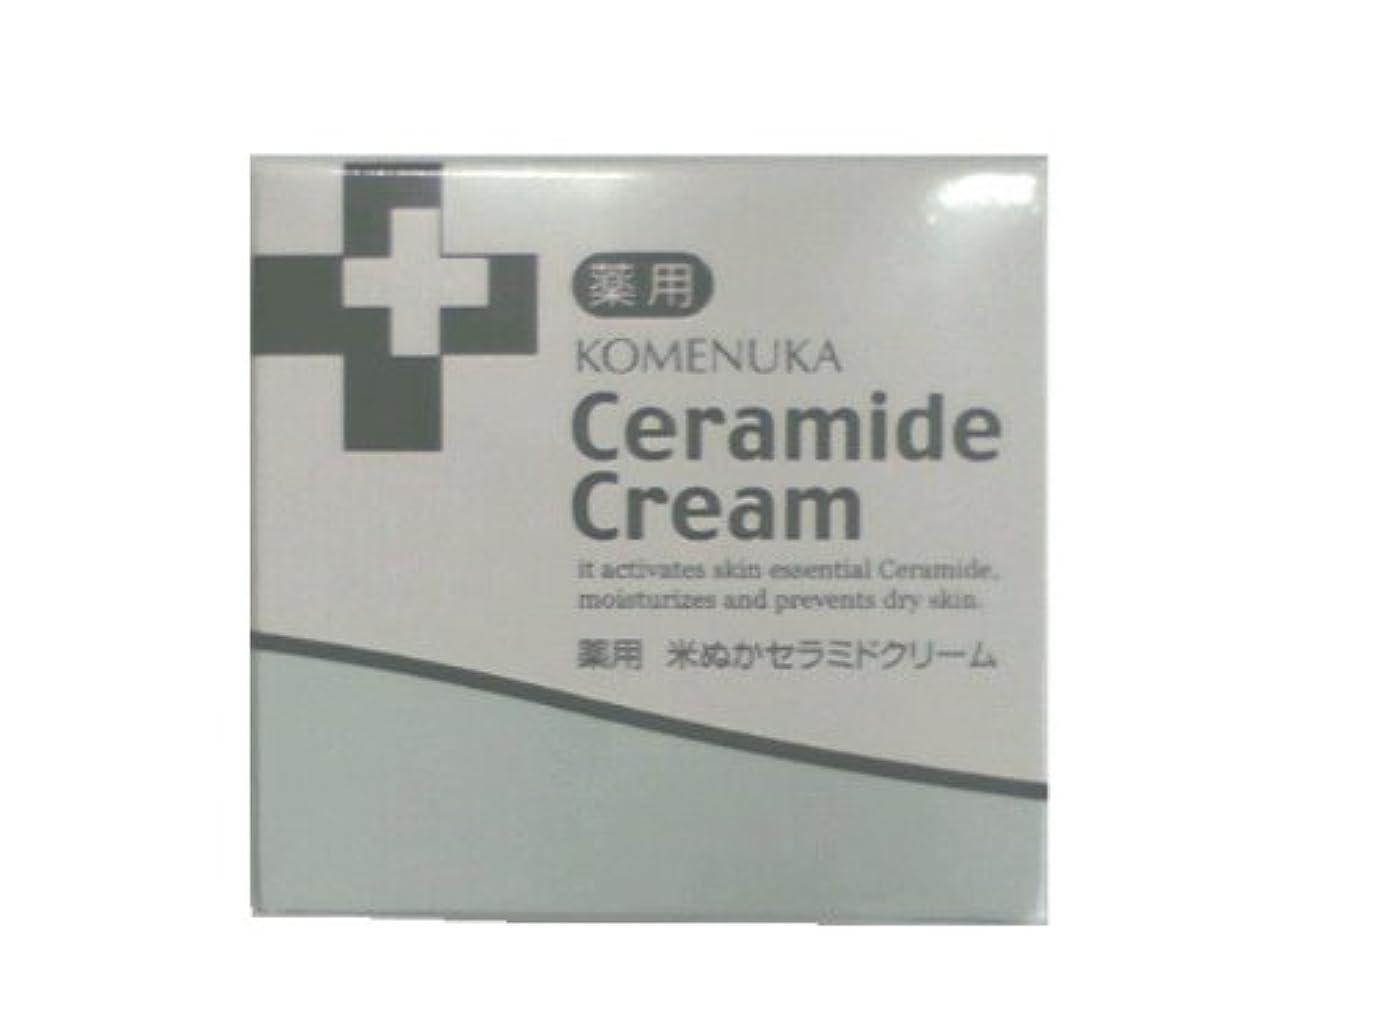 ハンディキャップ買い物に行くインクリアル 薬用 米ぬかセラミドクリーム58g